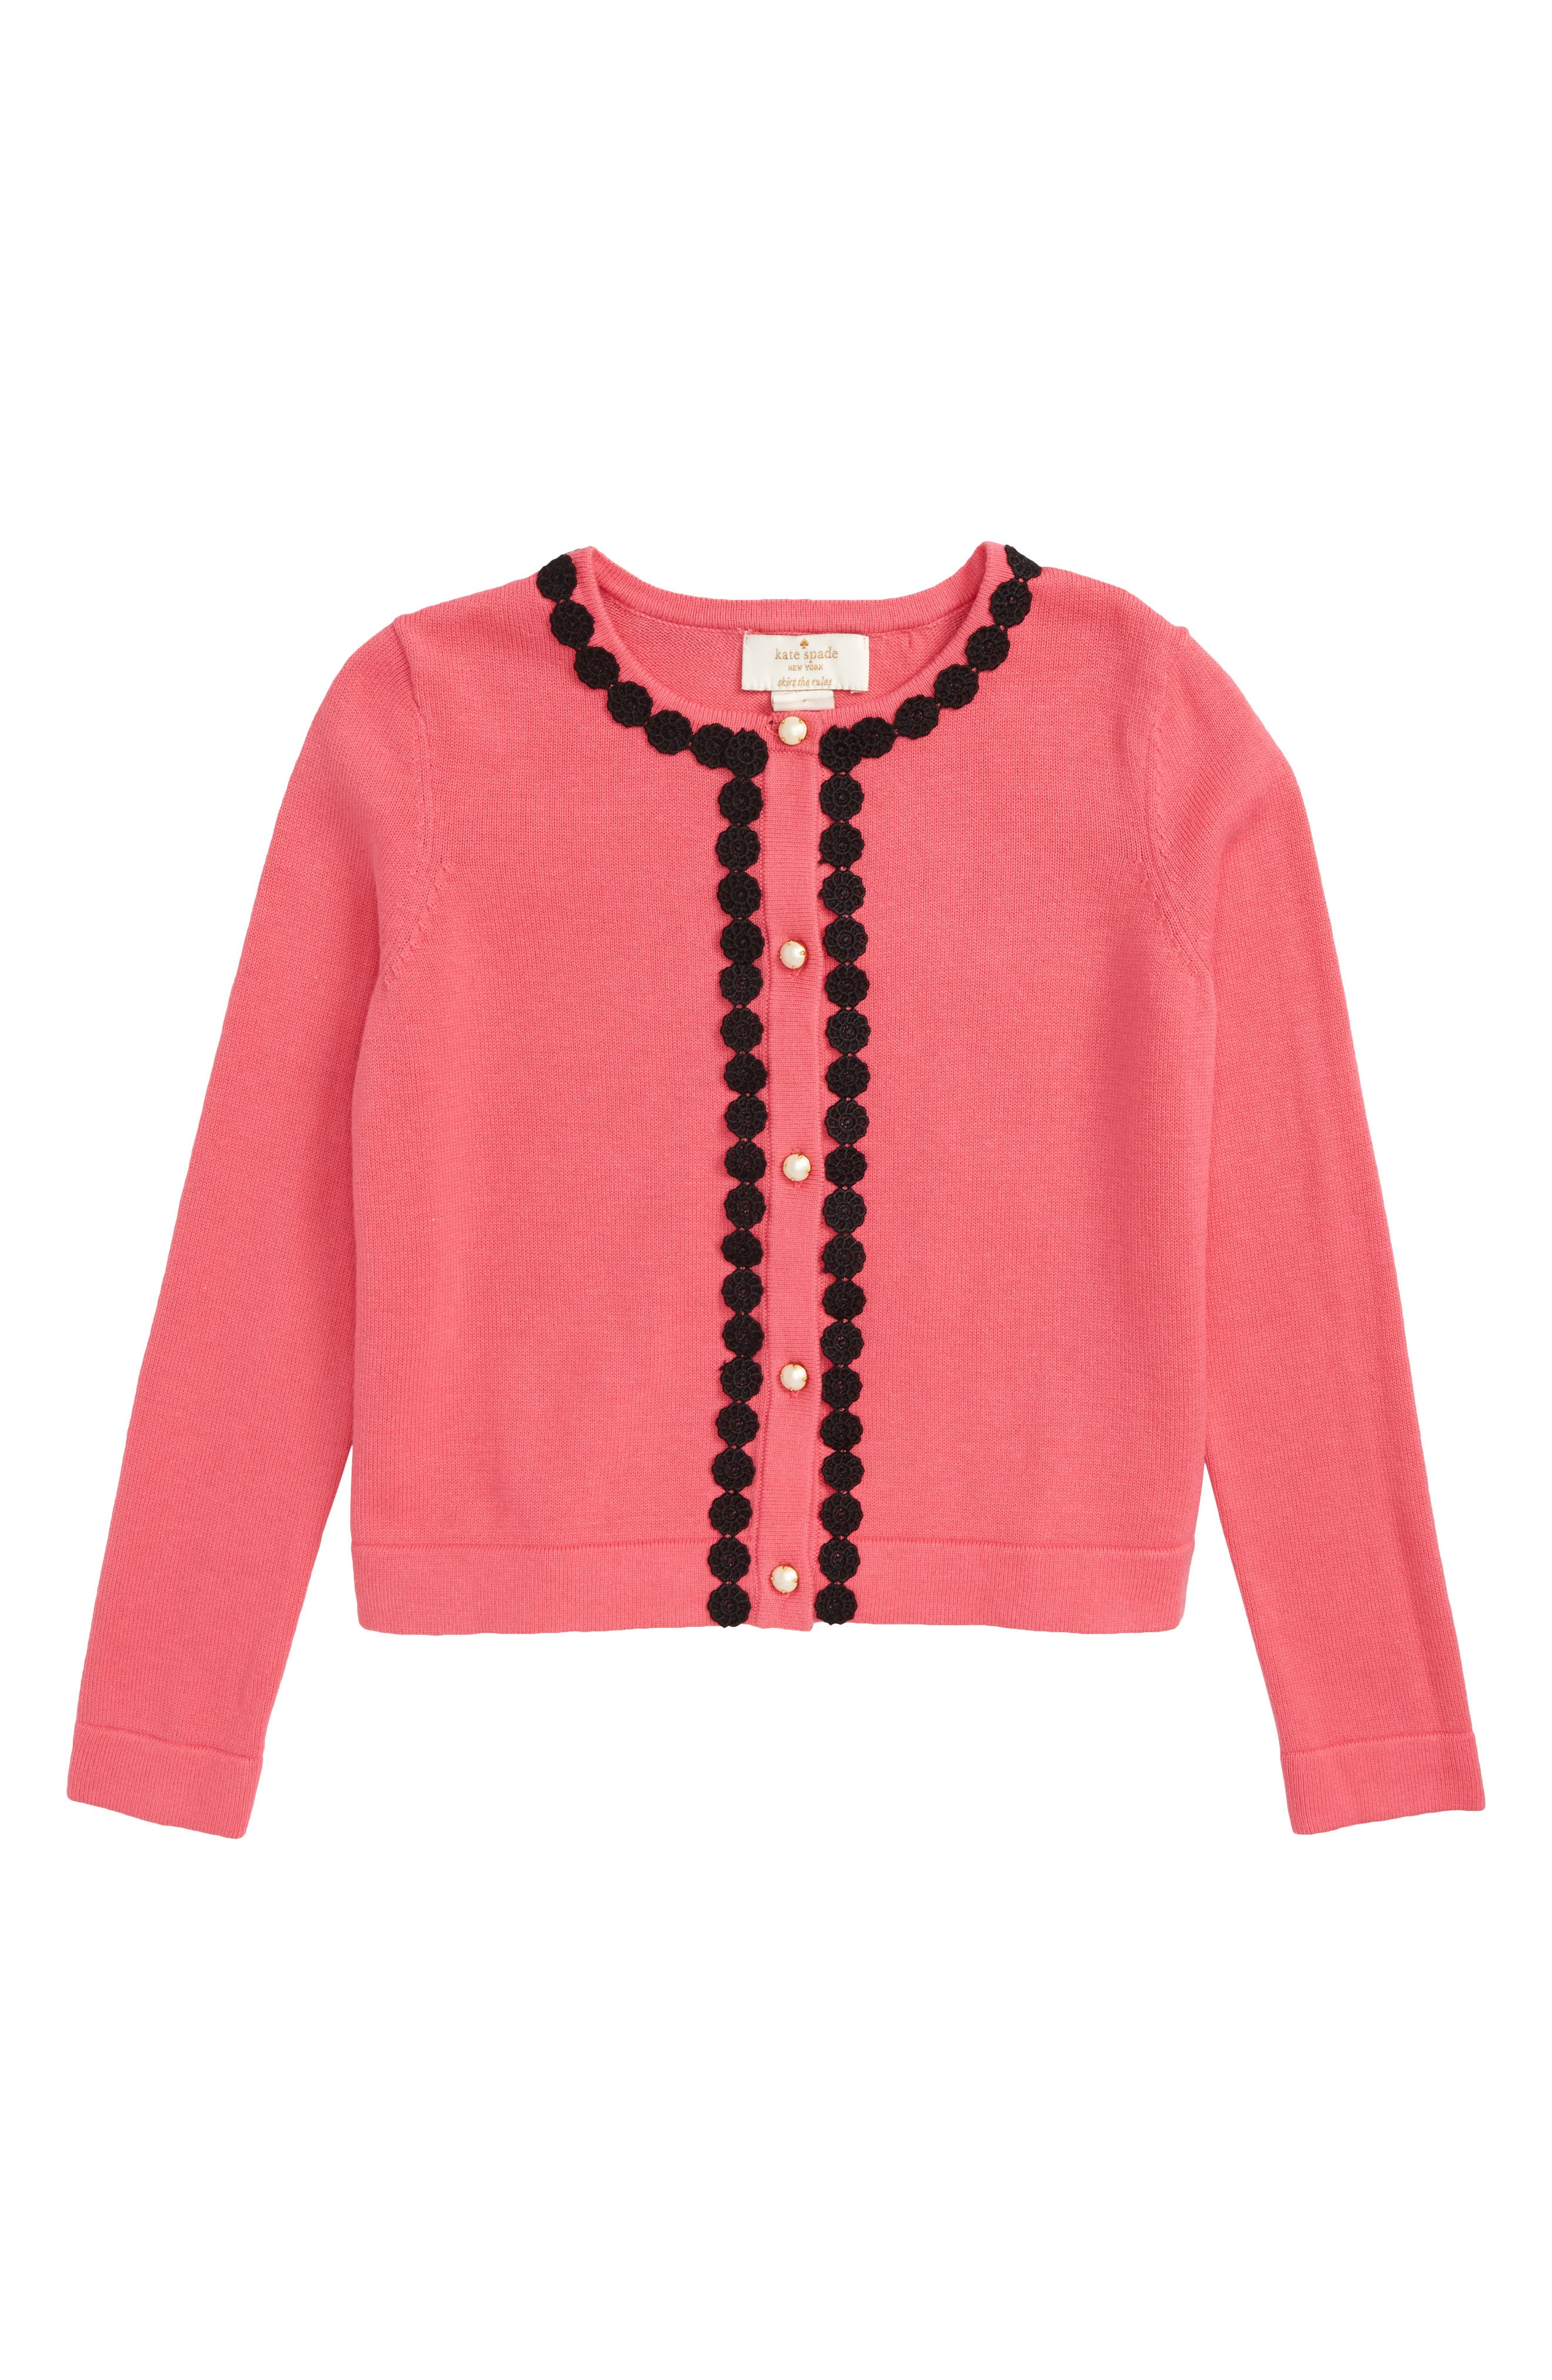 Main Image - kate spade new york lace trim cardigan (Toddler Girls & Little Girls)